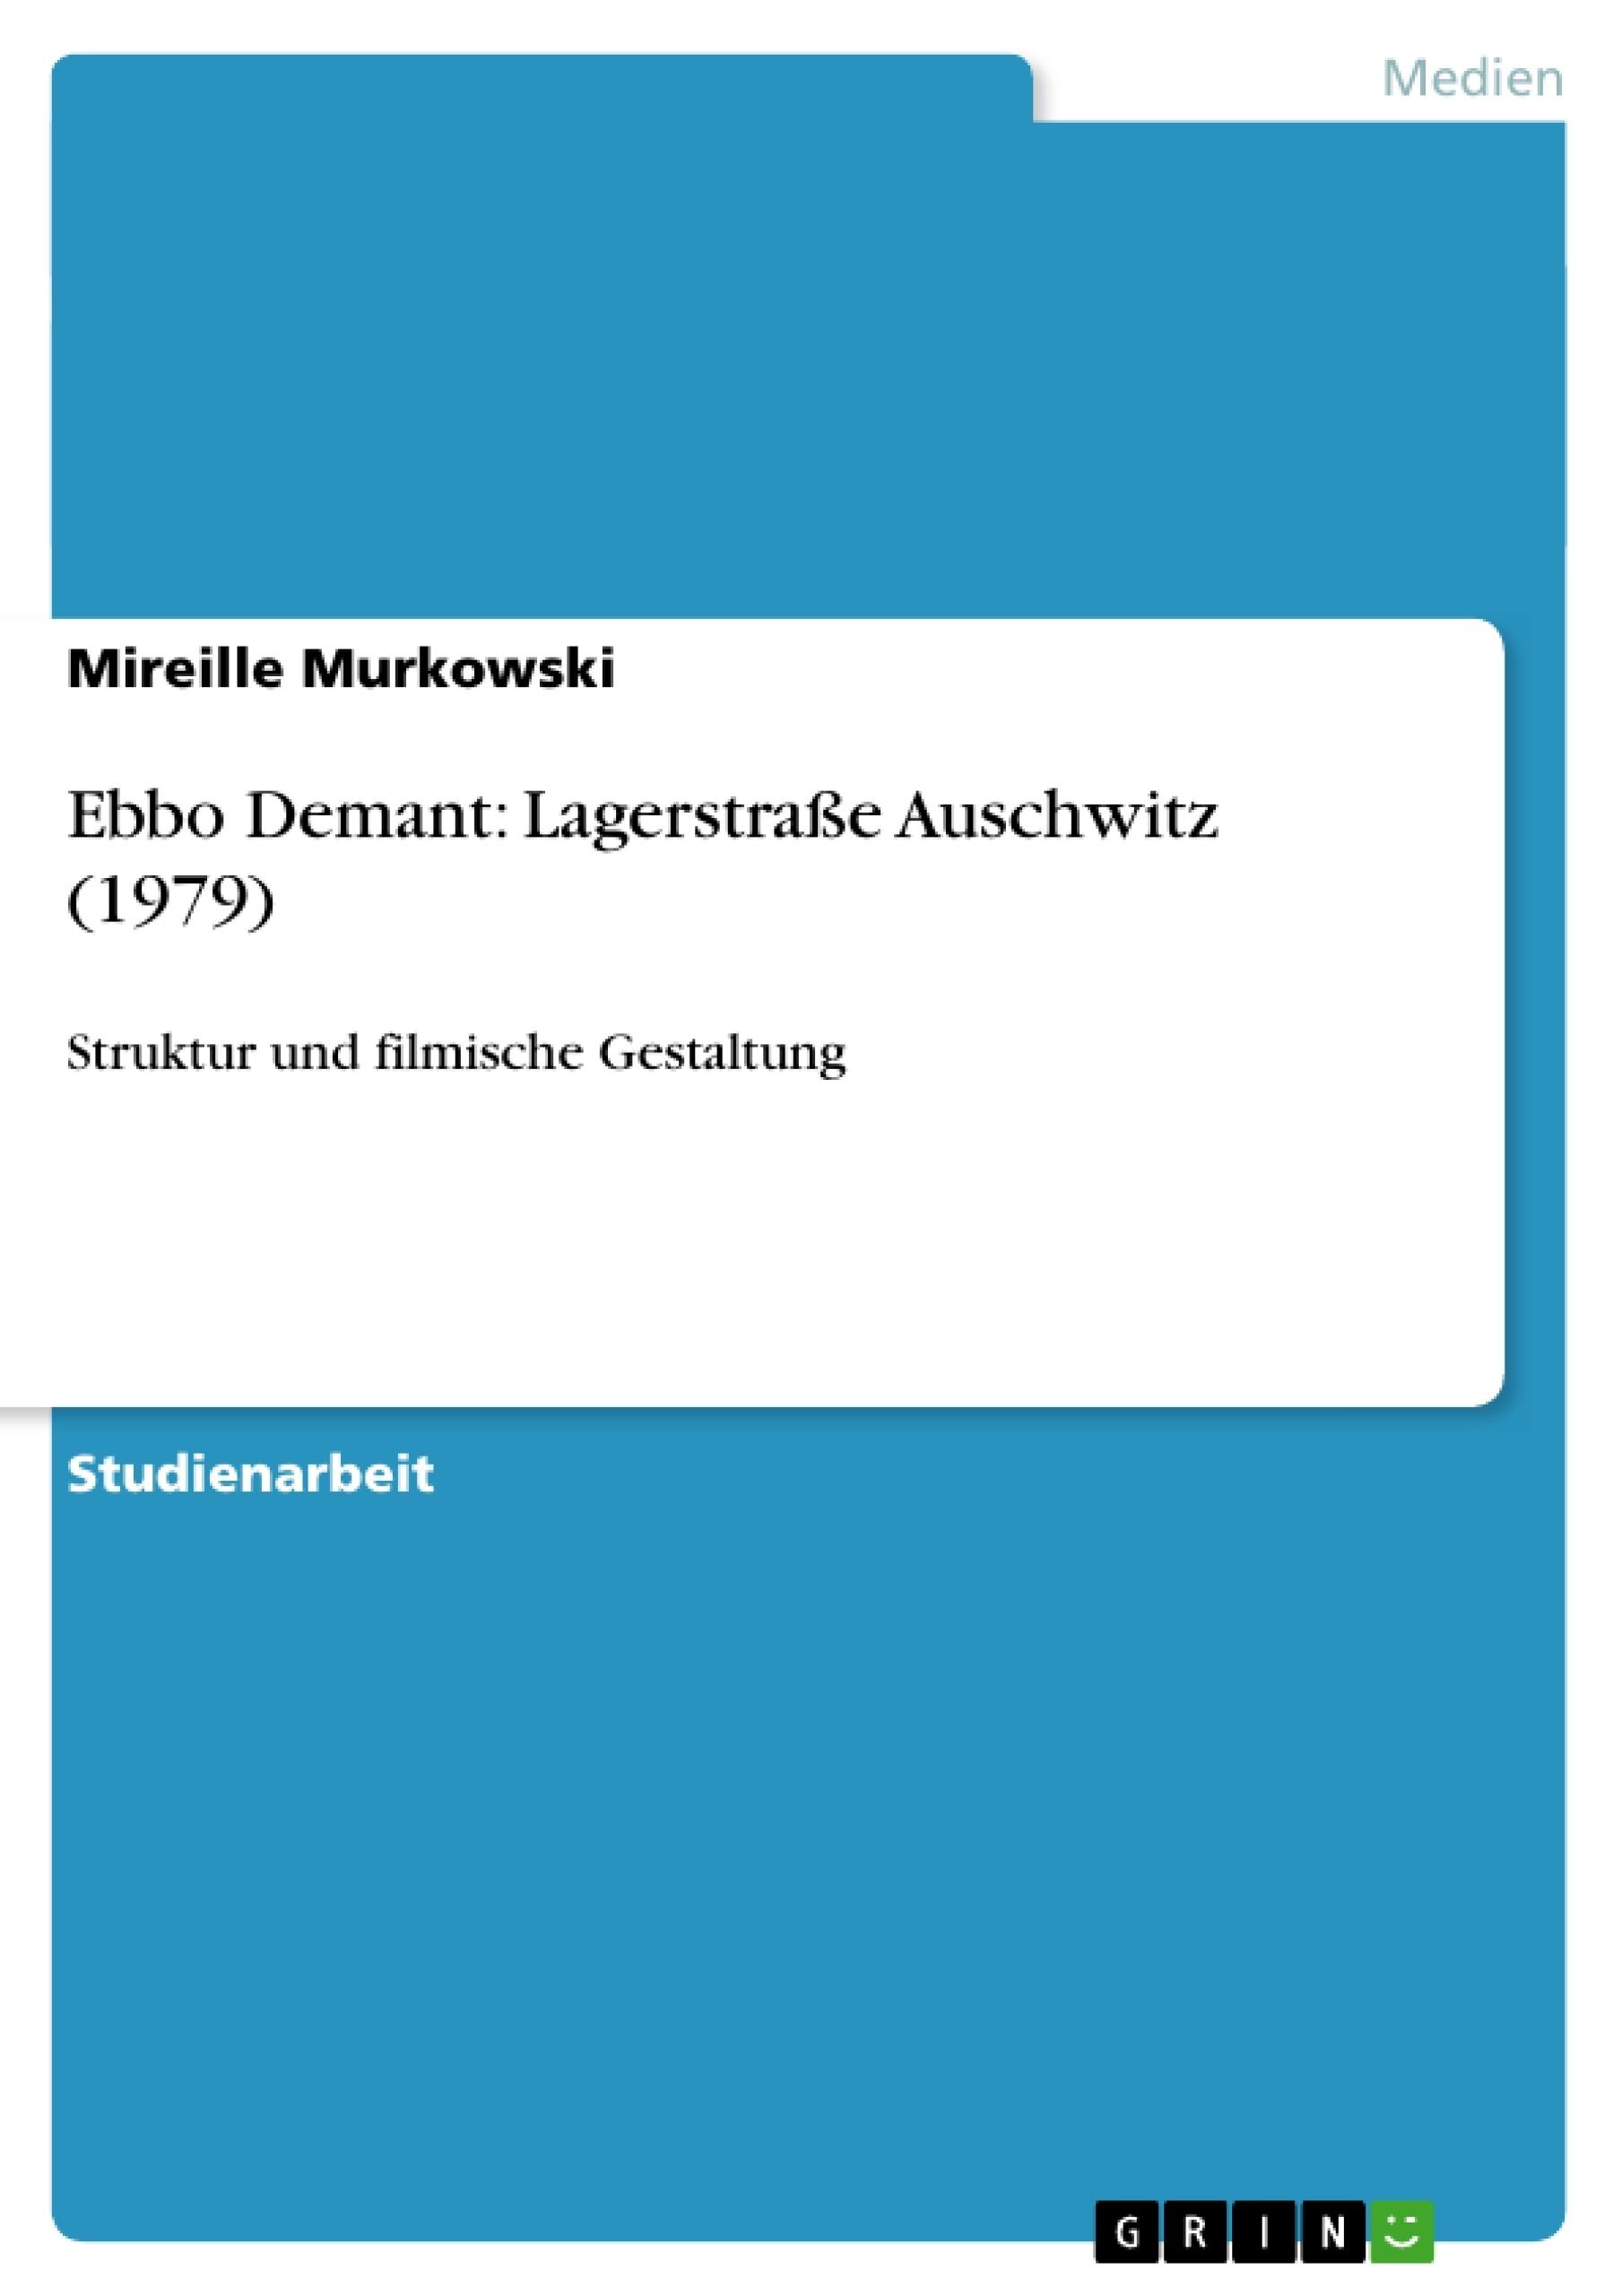 Titel: Ebbo Demant: Lagerstraße Auschwitz (1979)